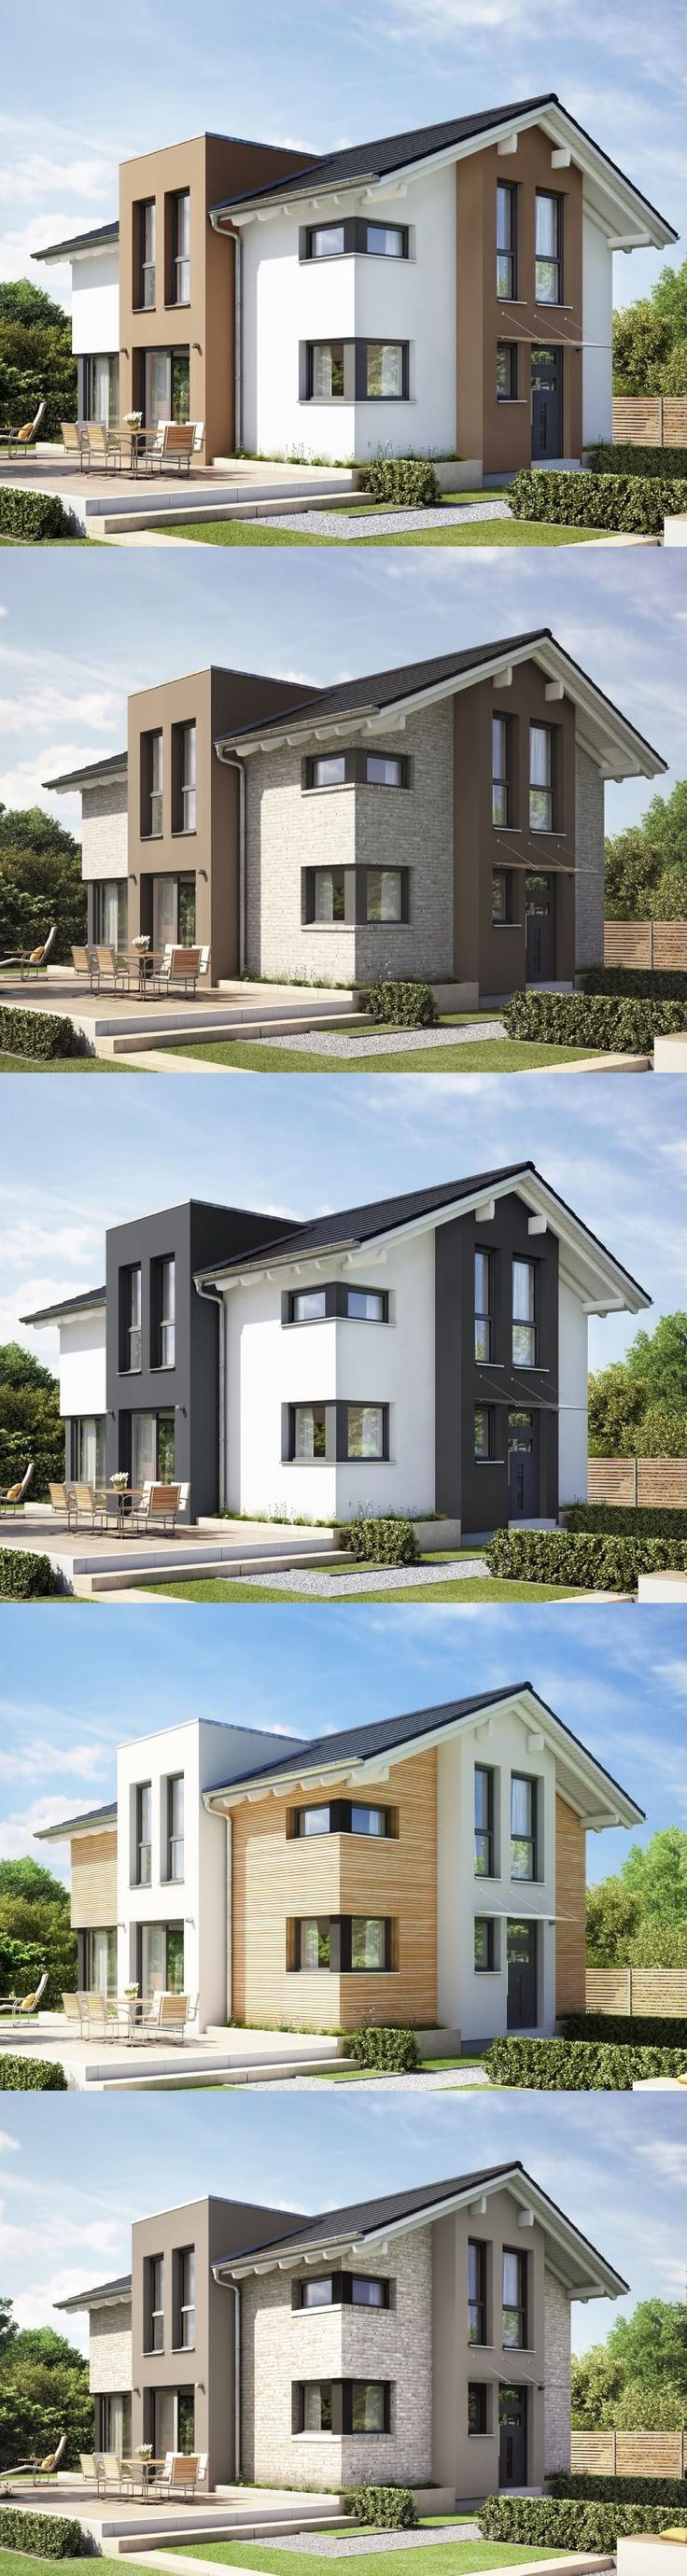 Haus Evolution 122 V11 Fassaden Varianten Holz Klinker Putz Farbakzente